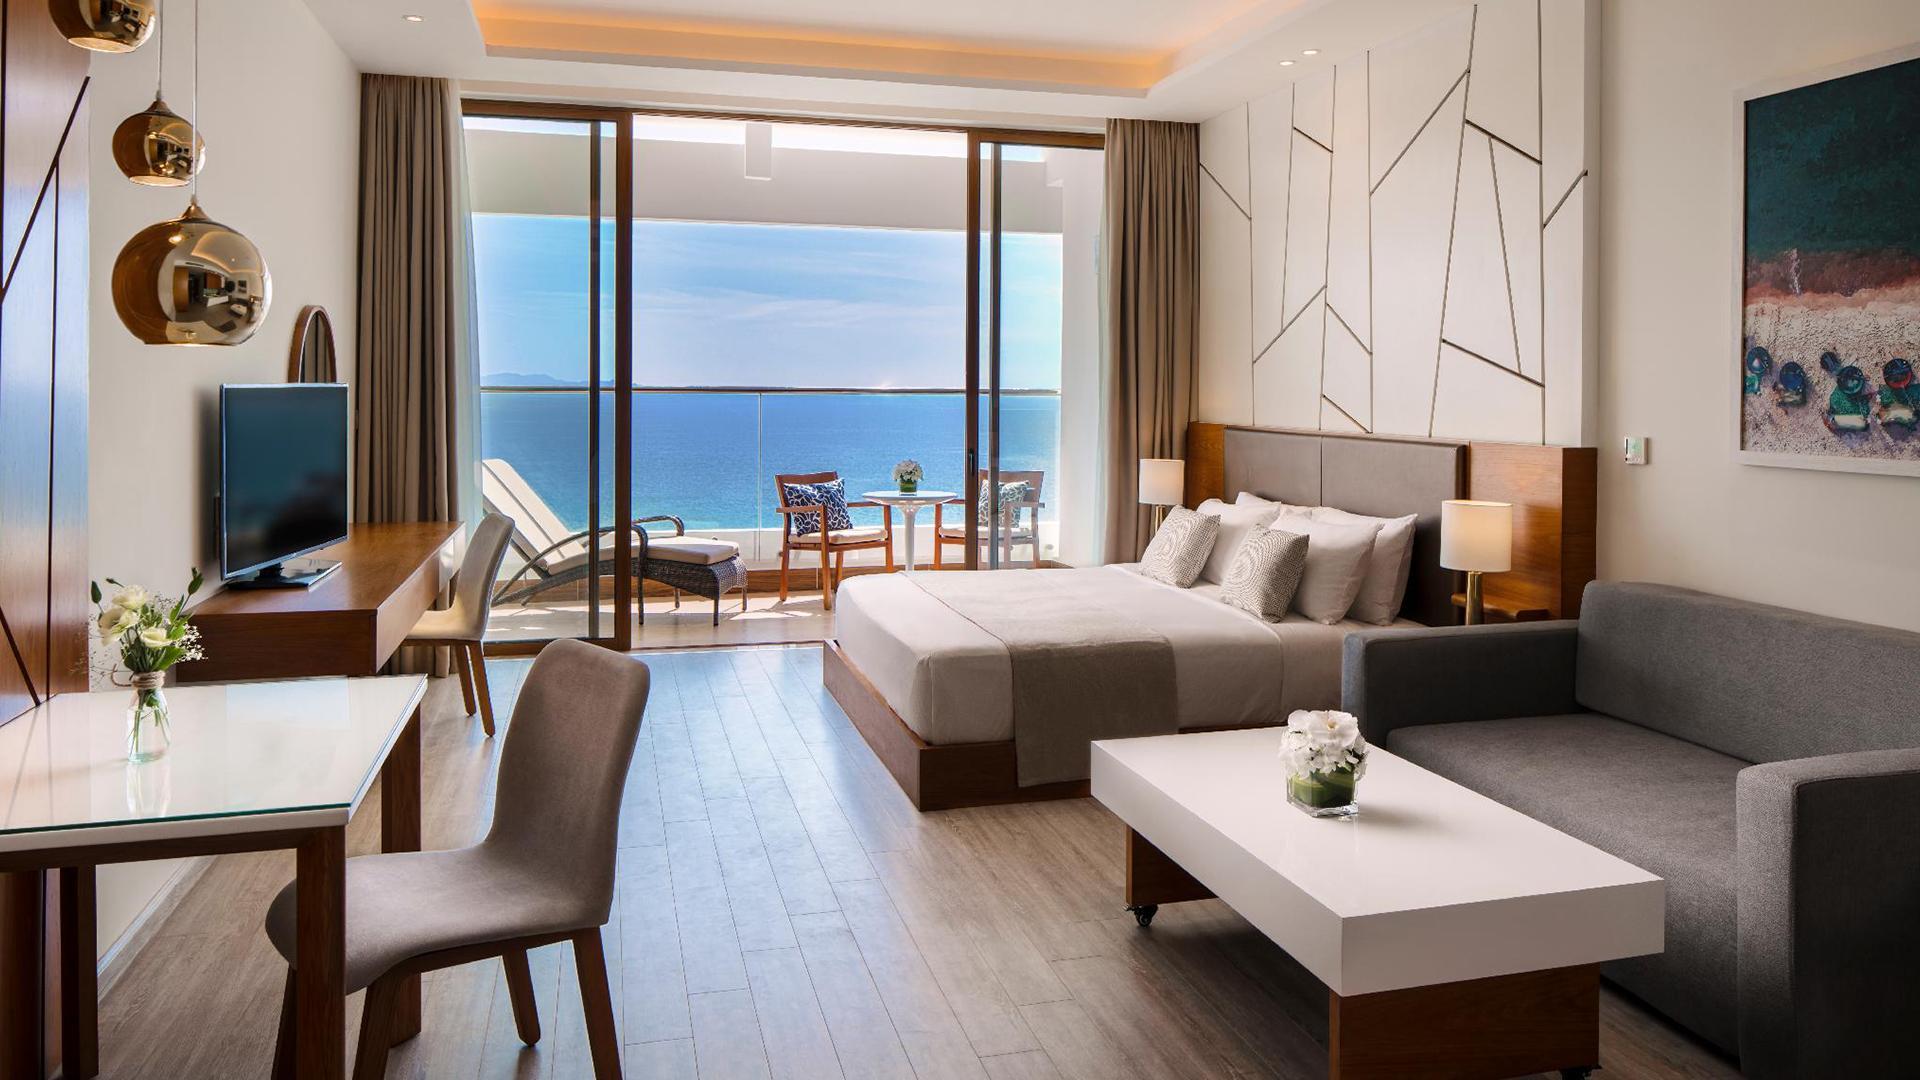 Seaview Studio image 1 at Mövenpick Resort Cam Ranh by Cam Lâm, Khánh Hòa, Vietnam